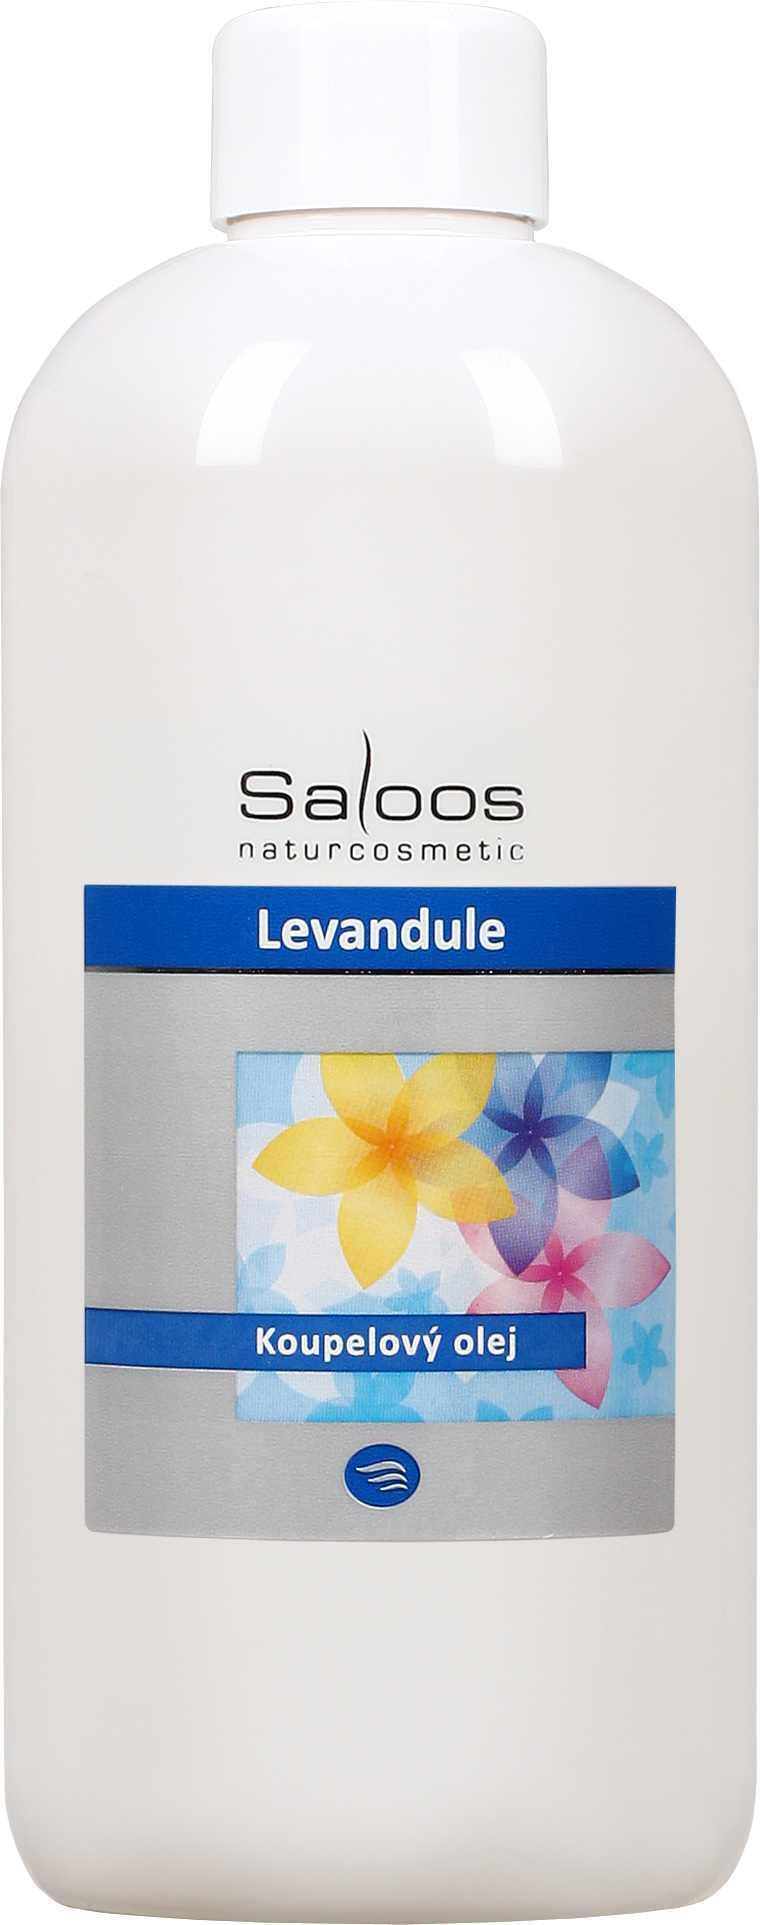 Saloos Levandule - koupelový olej Balení: 500 ml